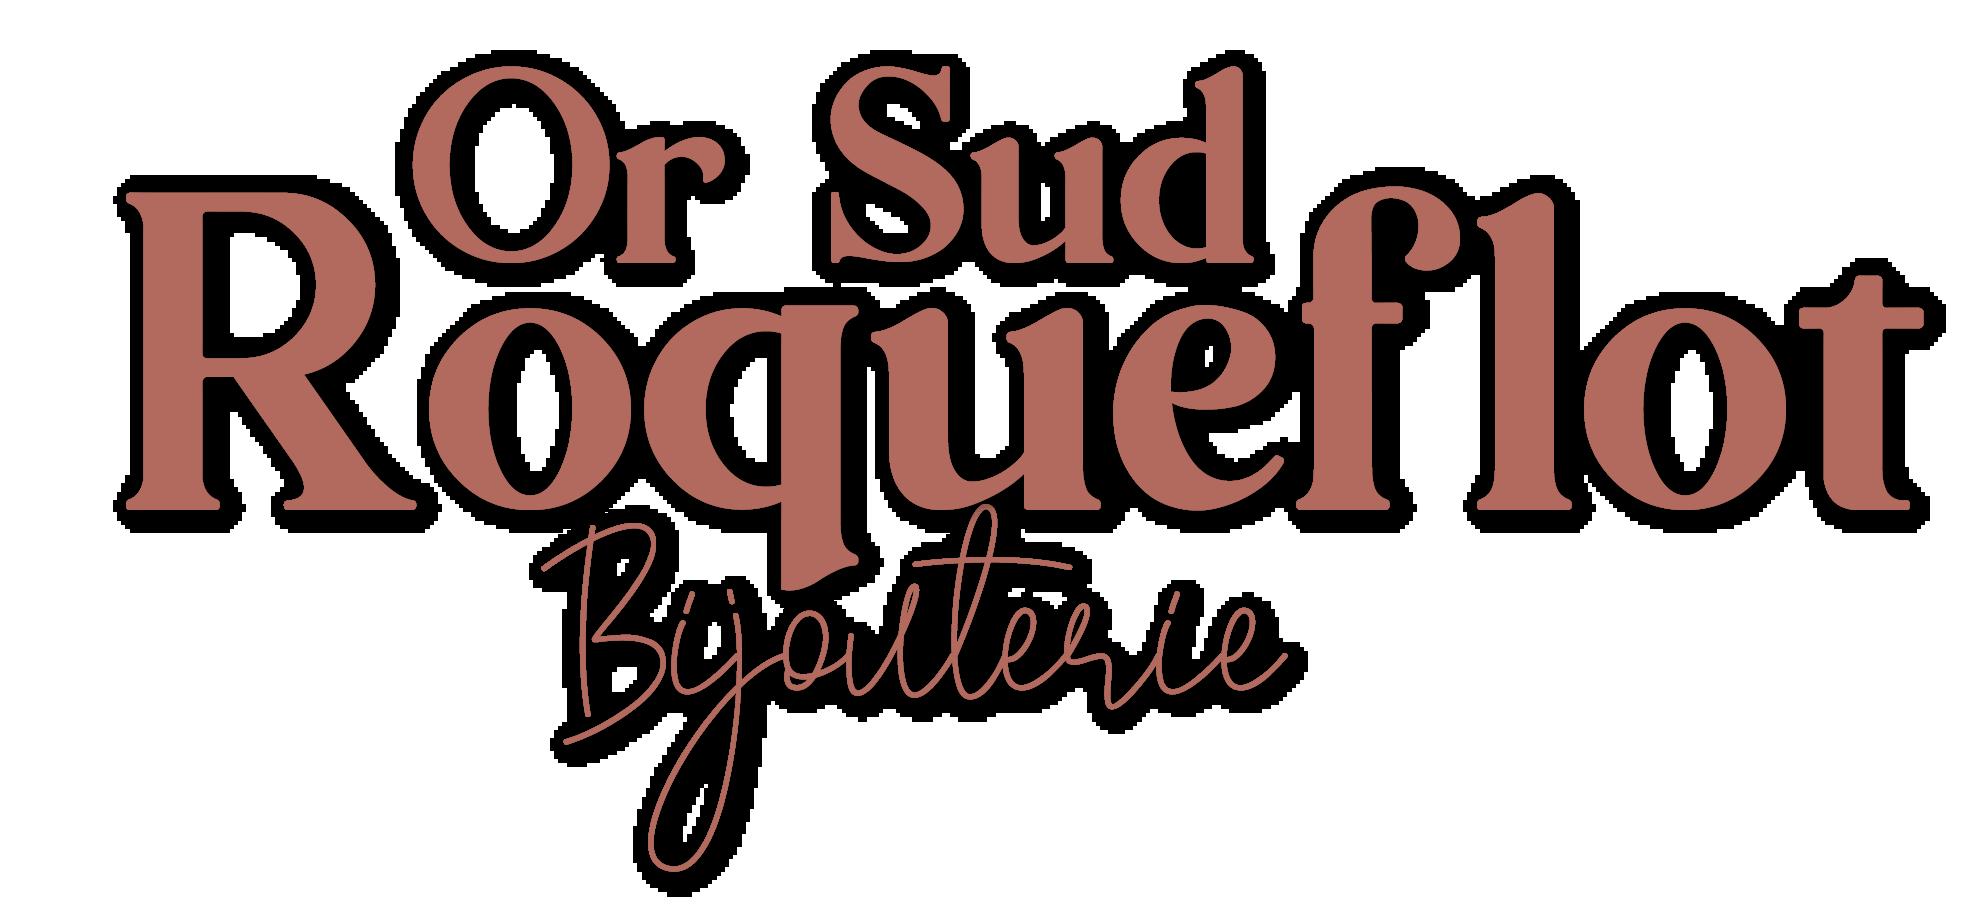 Bijouterie Roqueflot